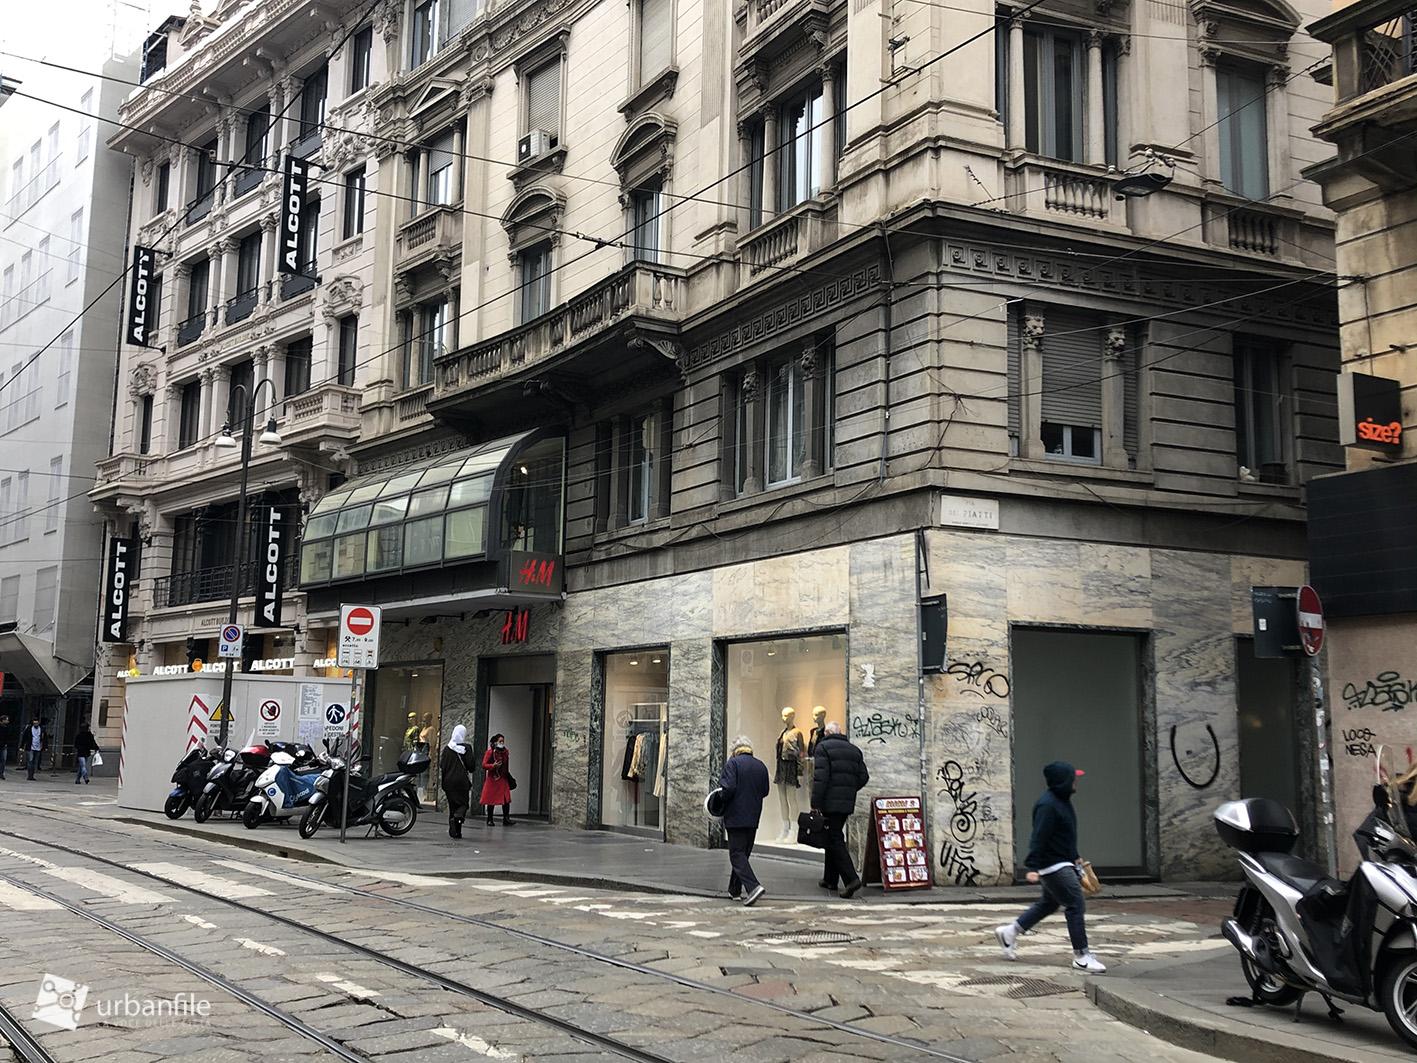 Negozi Per La Casa Milano milano | cinque vie - palazzo gola, via dei piatti 1 angolo